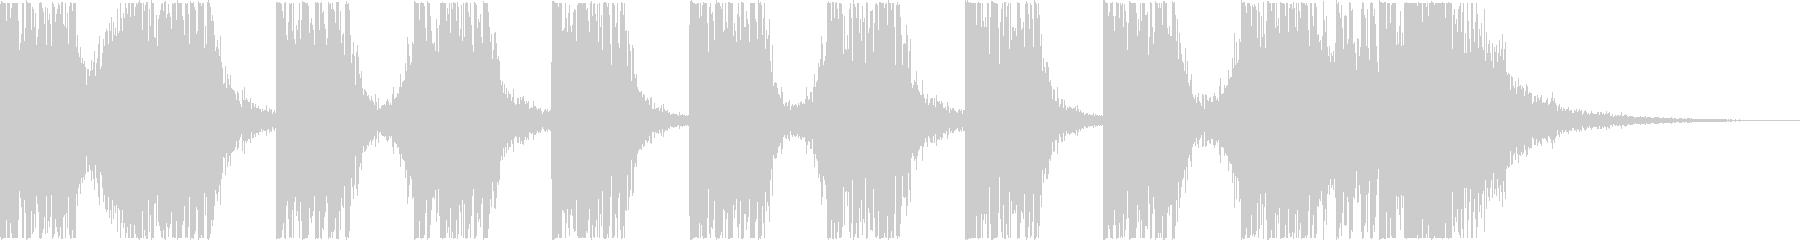 打楽器+シンセ BPM=110の未再生の波形